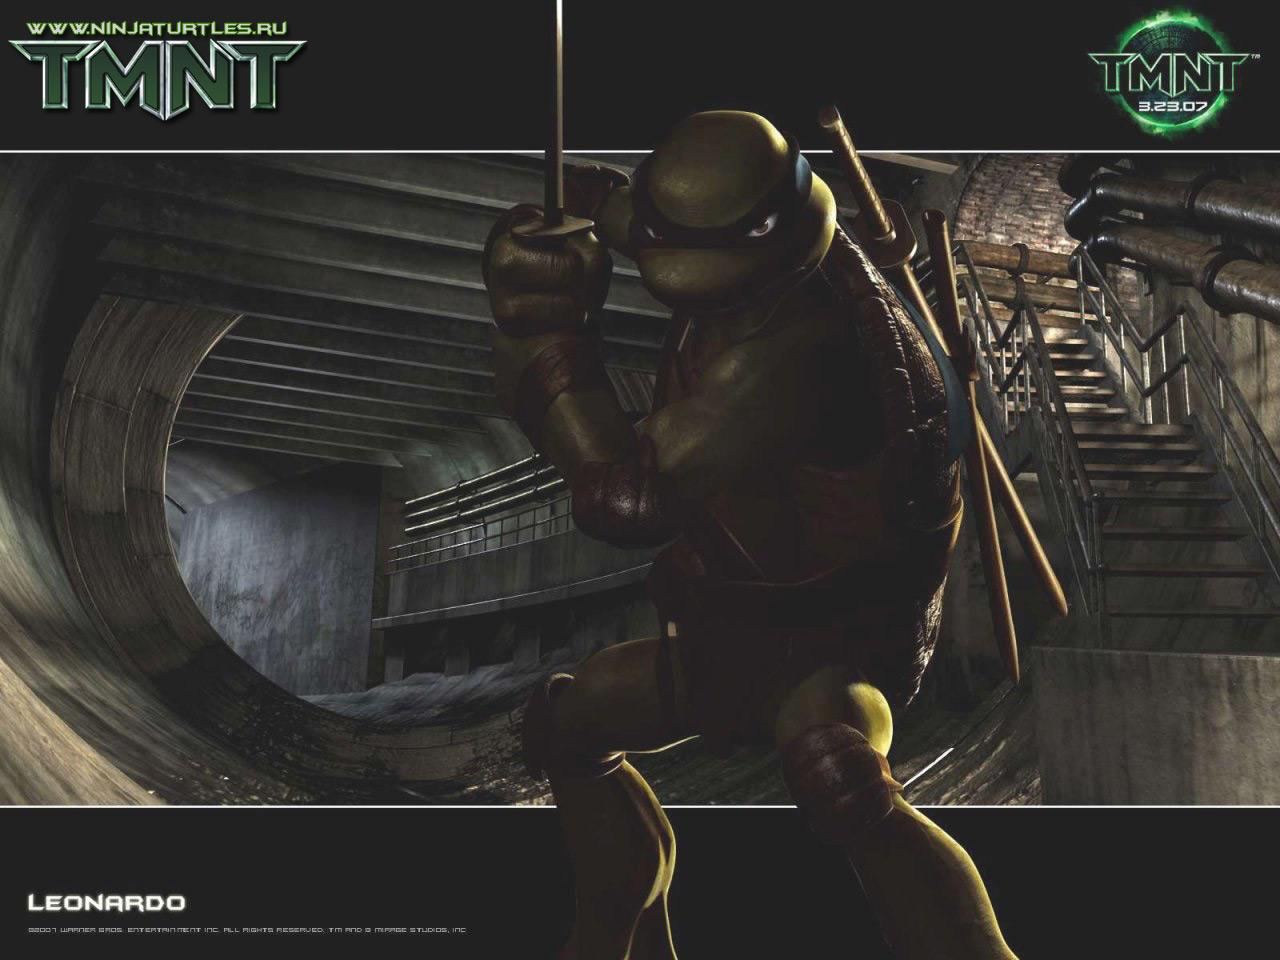 TMNT 2007 wallpaper (69)